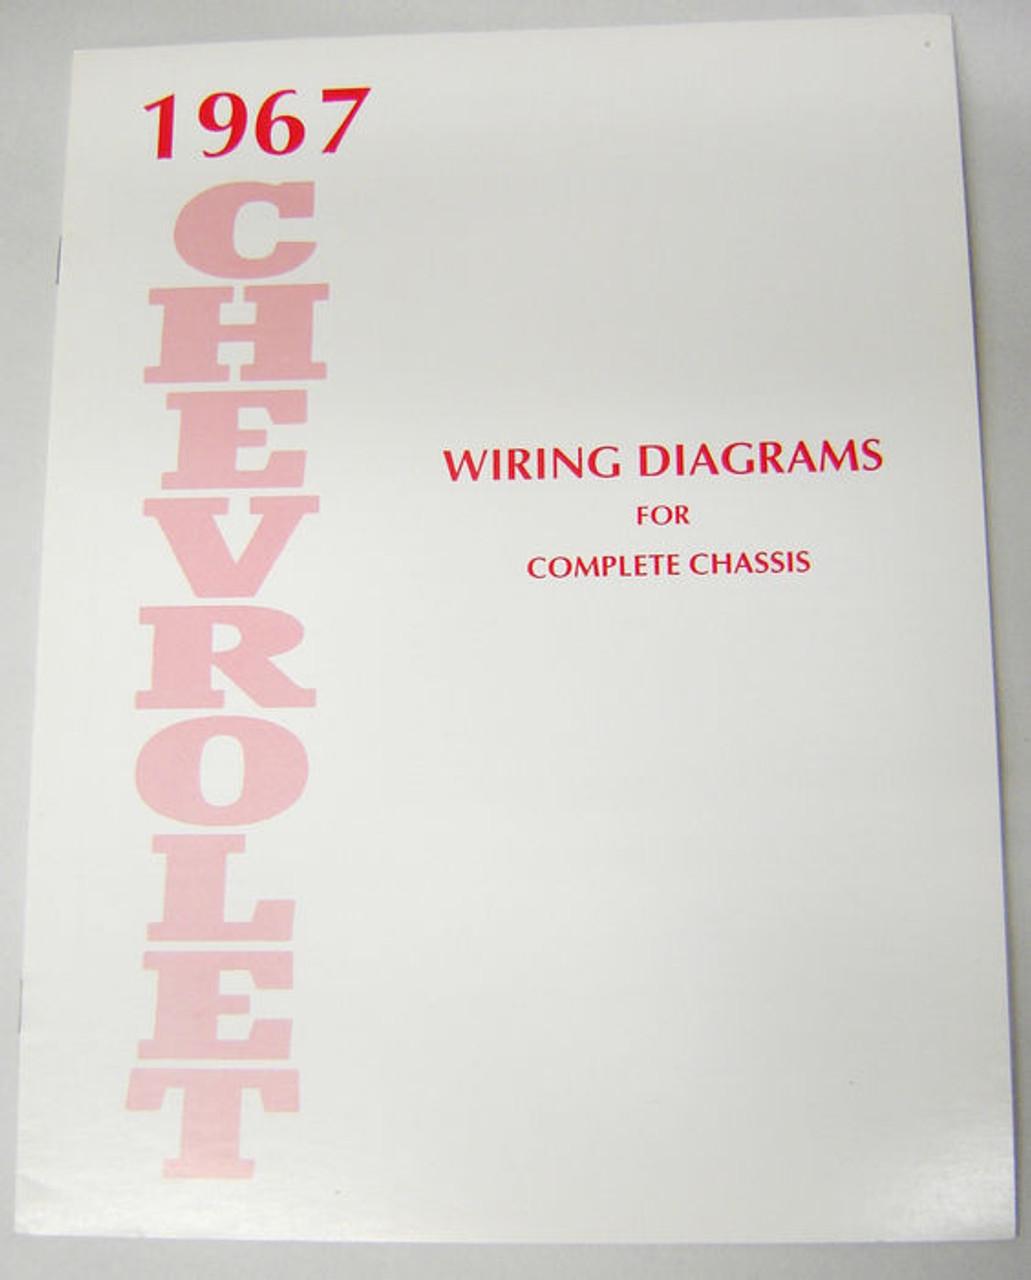 L1024_zpsicqmu2yi__05660.1443481054?c=2 67 1967 chevy impala electrical wiring diagram manual i 5 1967 impala wiring diagram at webbmarketing.co